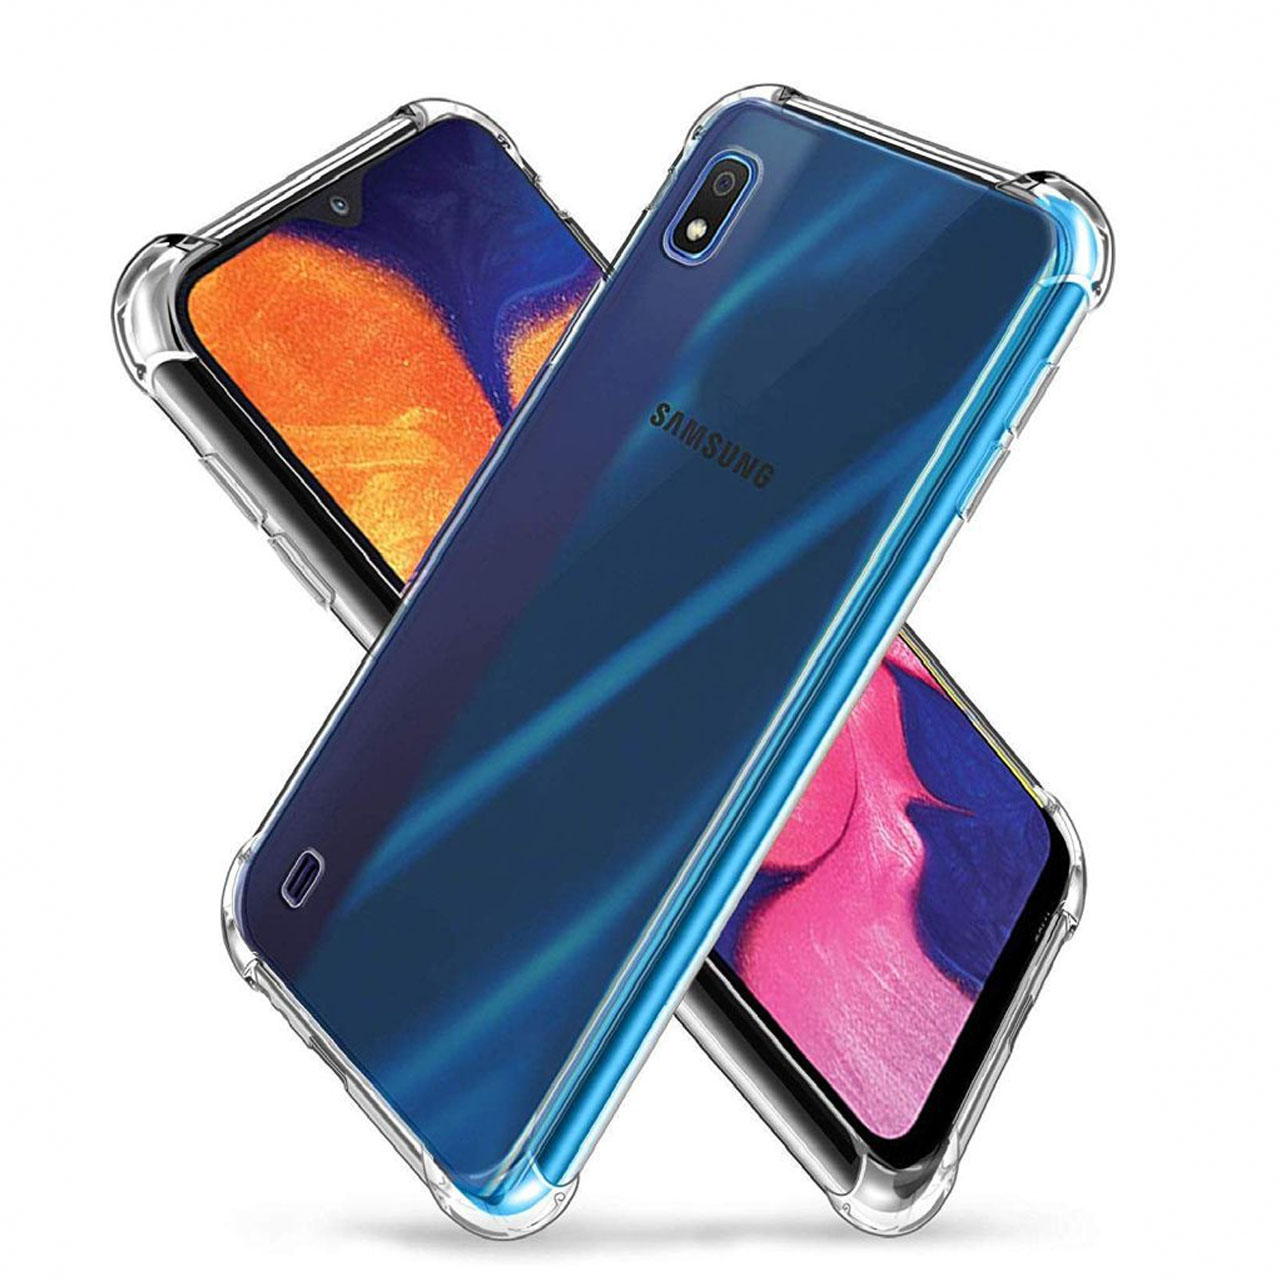 کاور مدل Eouro مناسب برای گوشی موبایل سامسونگ Galaxy A10 thumb 2 1